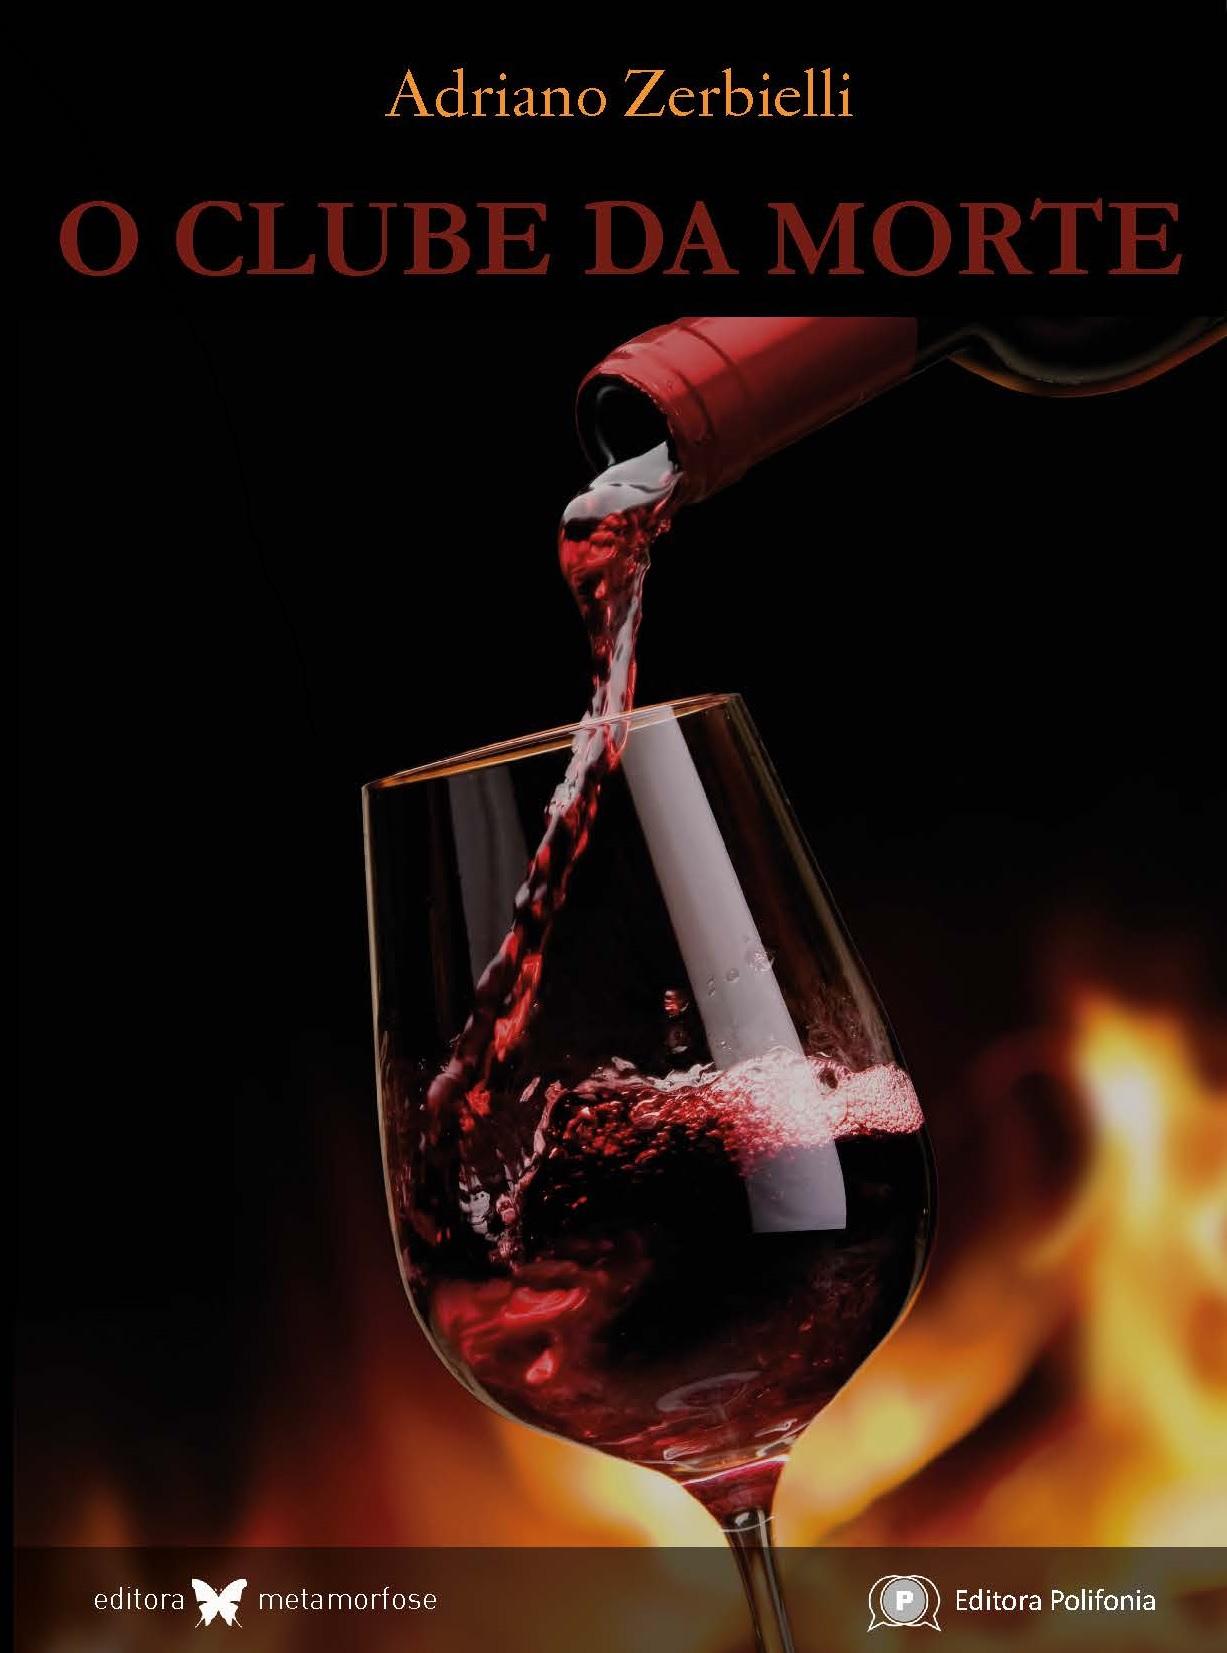 O clube da morte